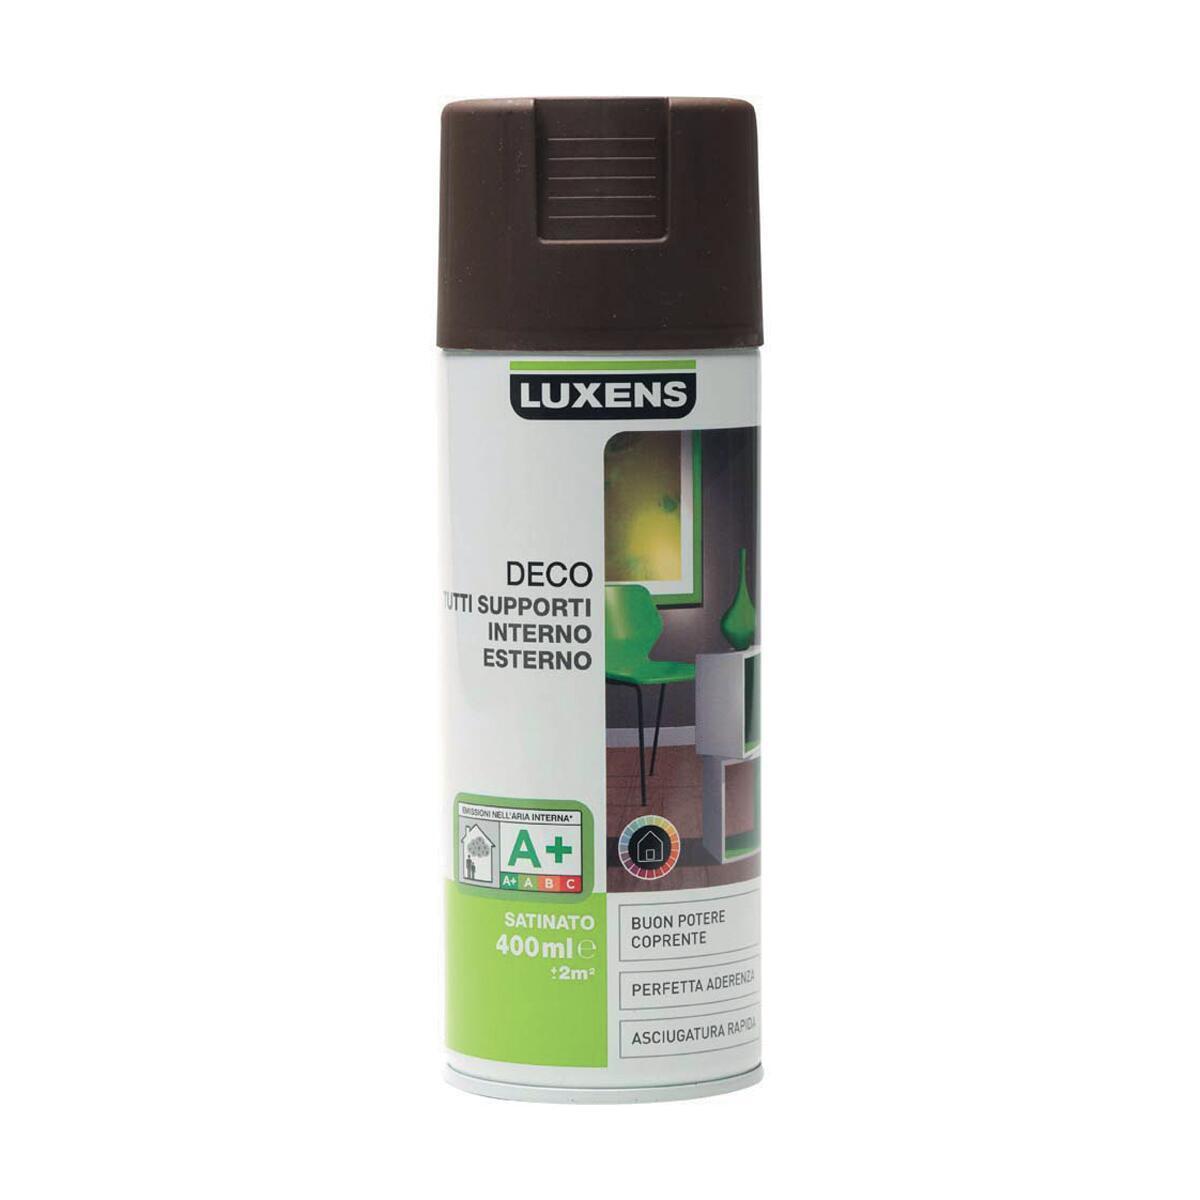 Smalto spray LUXENS Deco marrone cioccolato satinato 0.0075 L - 2